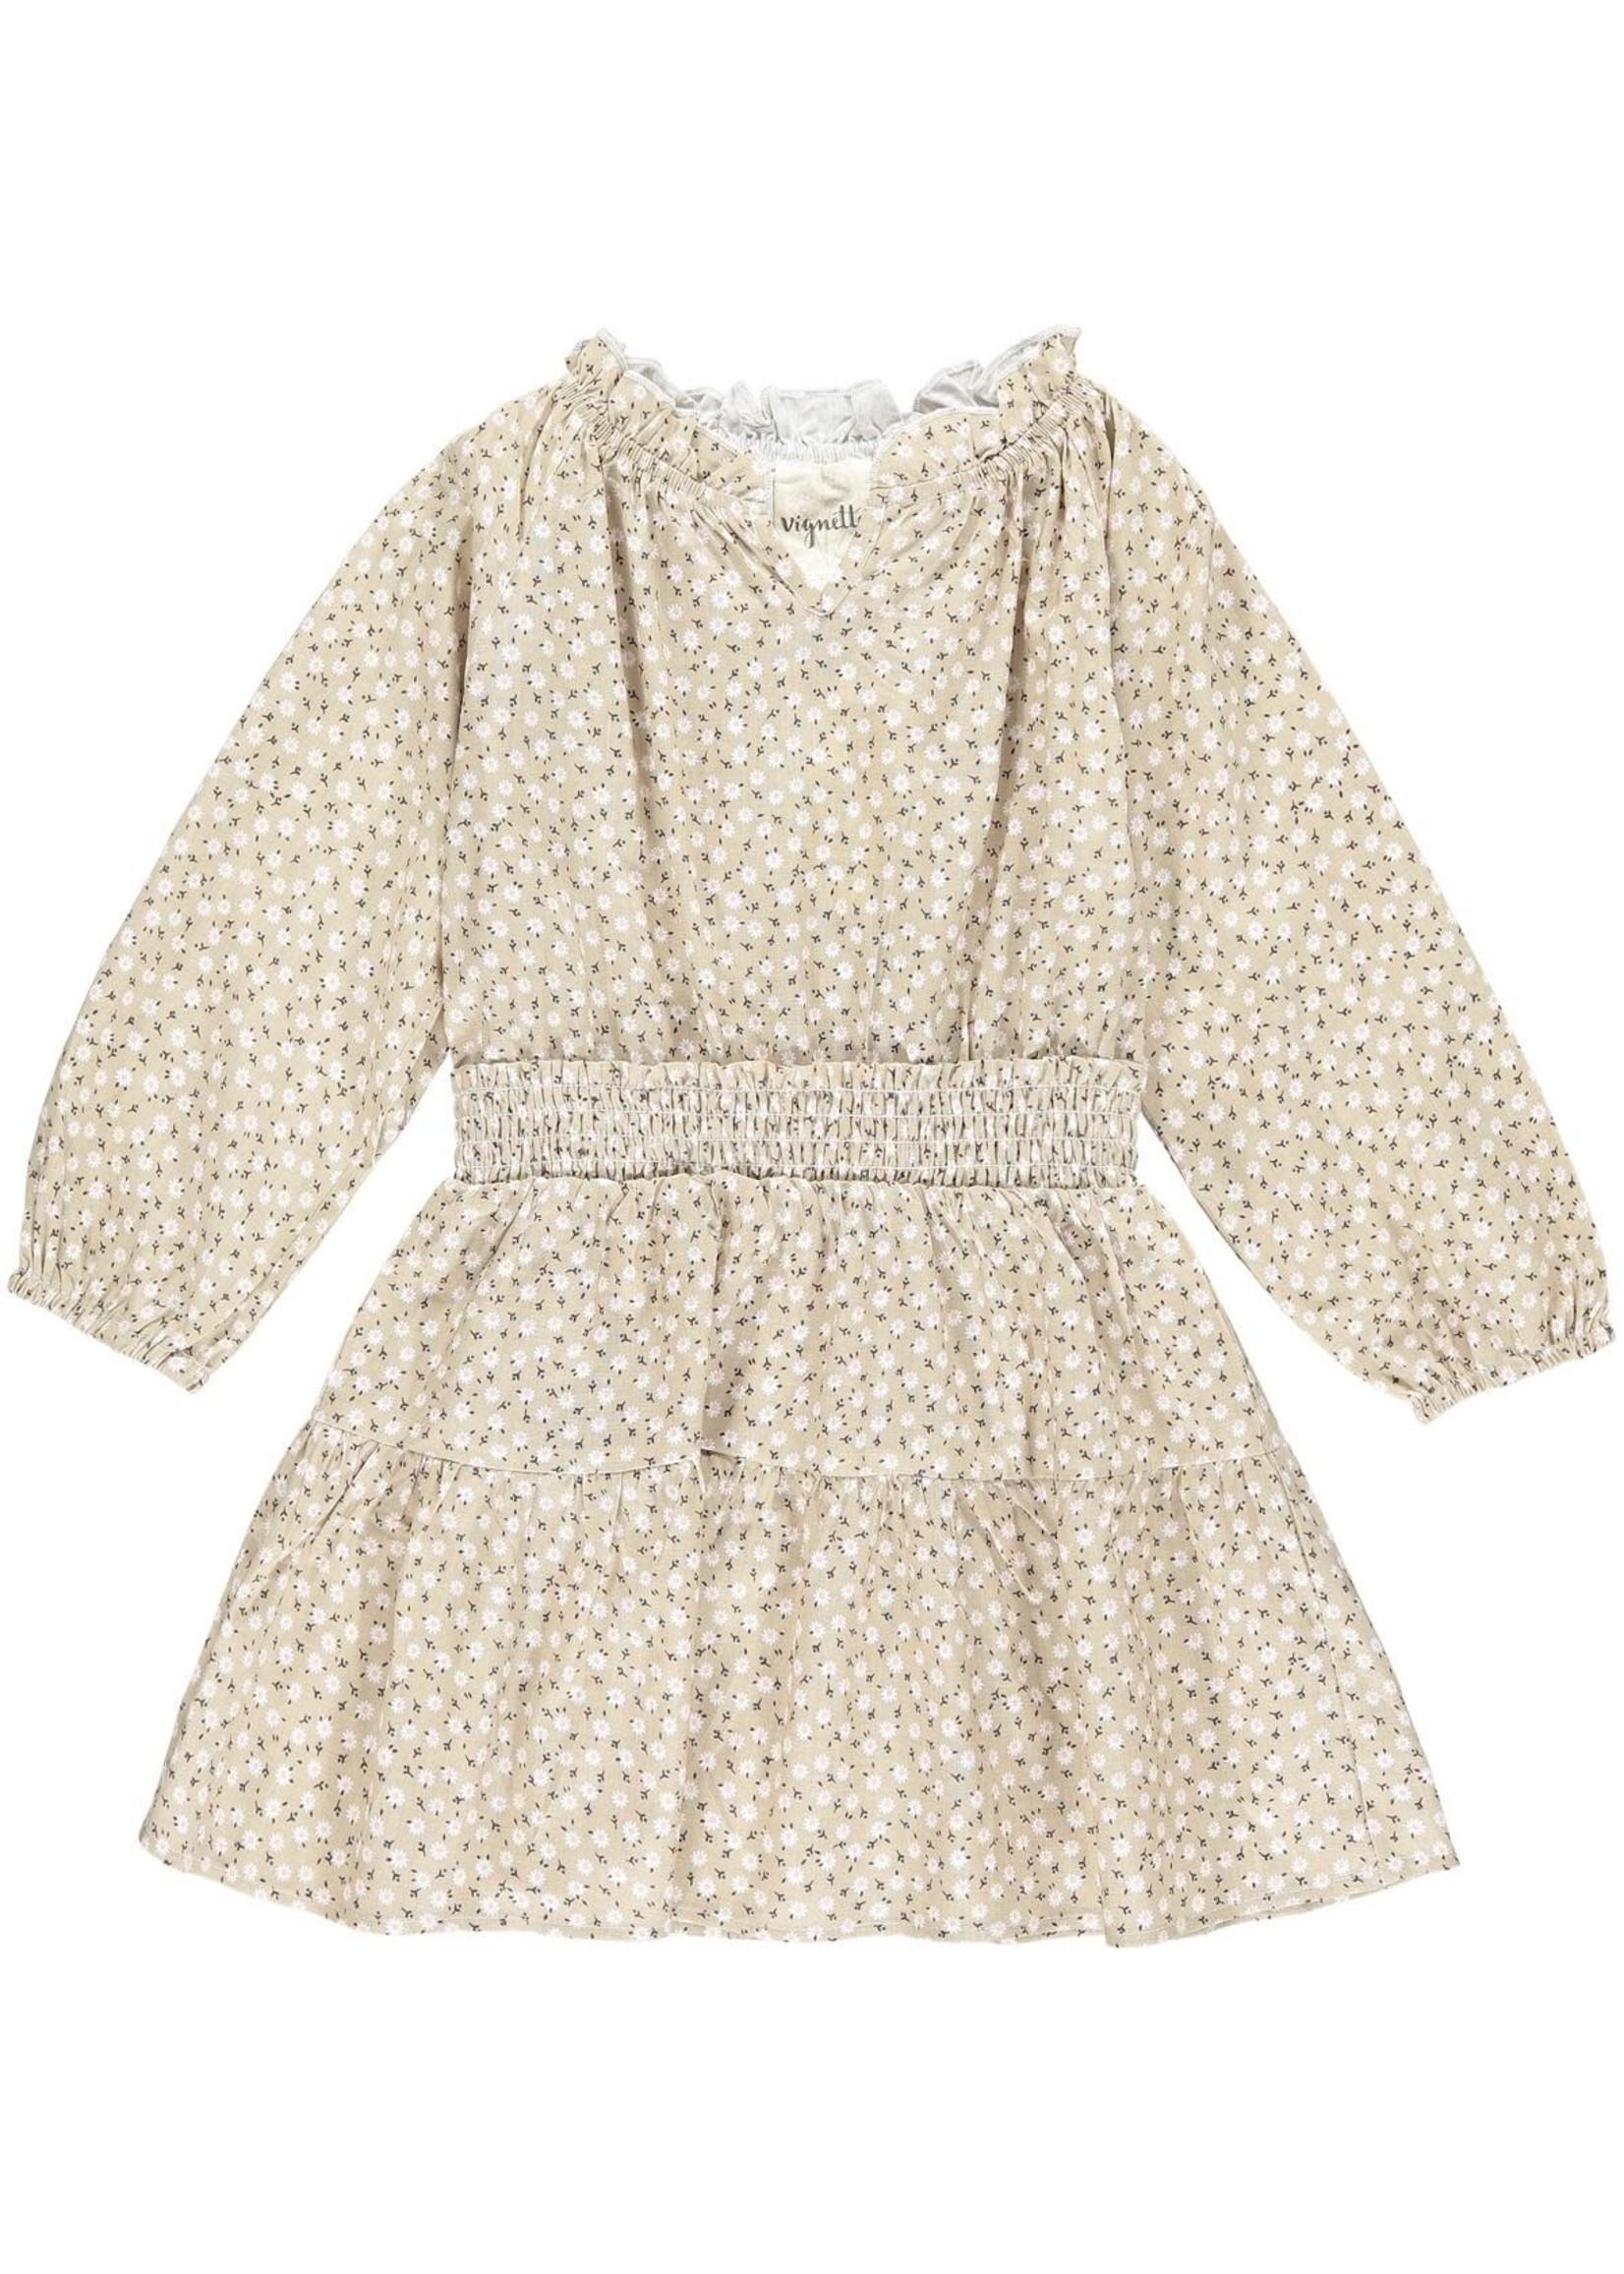 Vignette V. Willow Dress